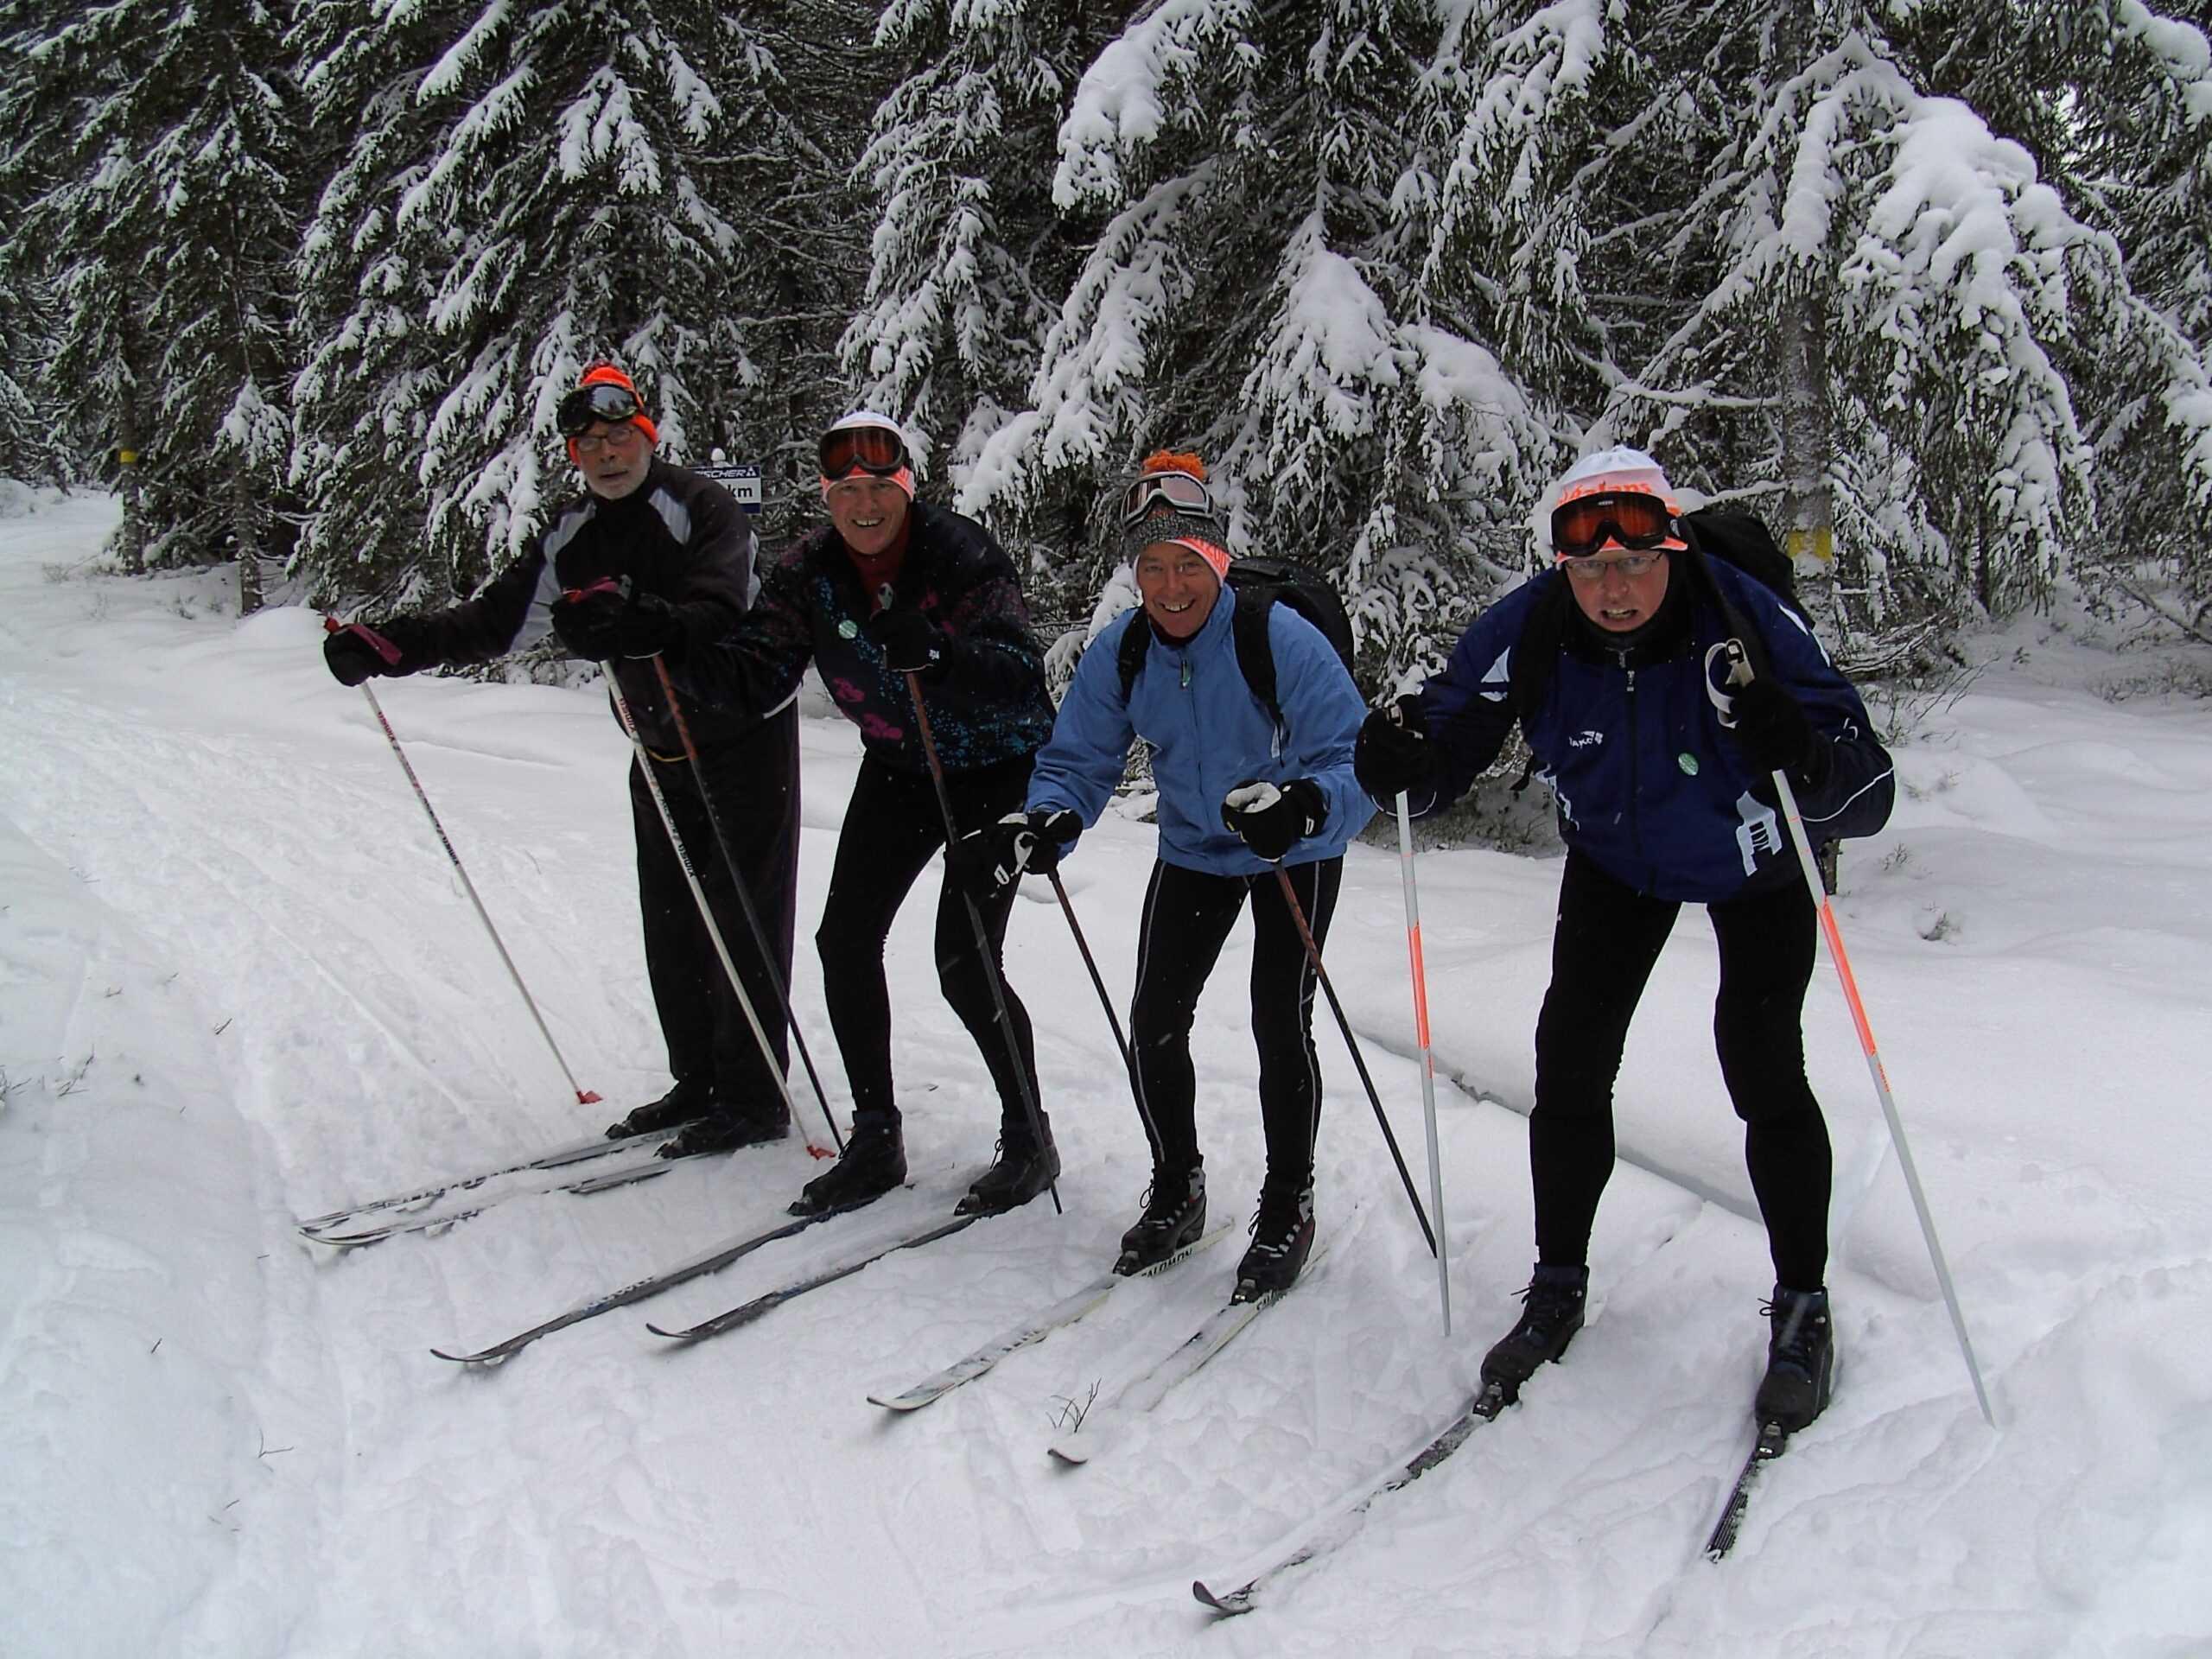 Langlaufen in Zweden met inbalansalkmaar